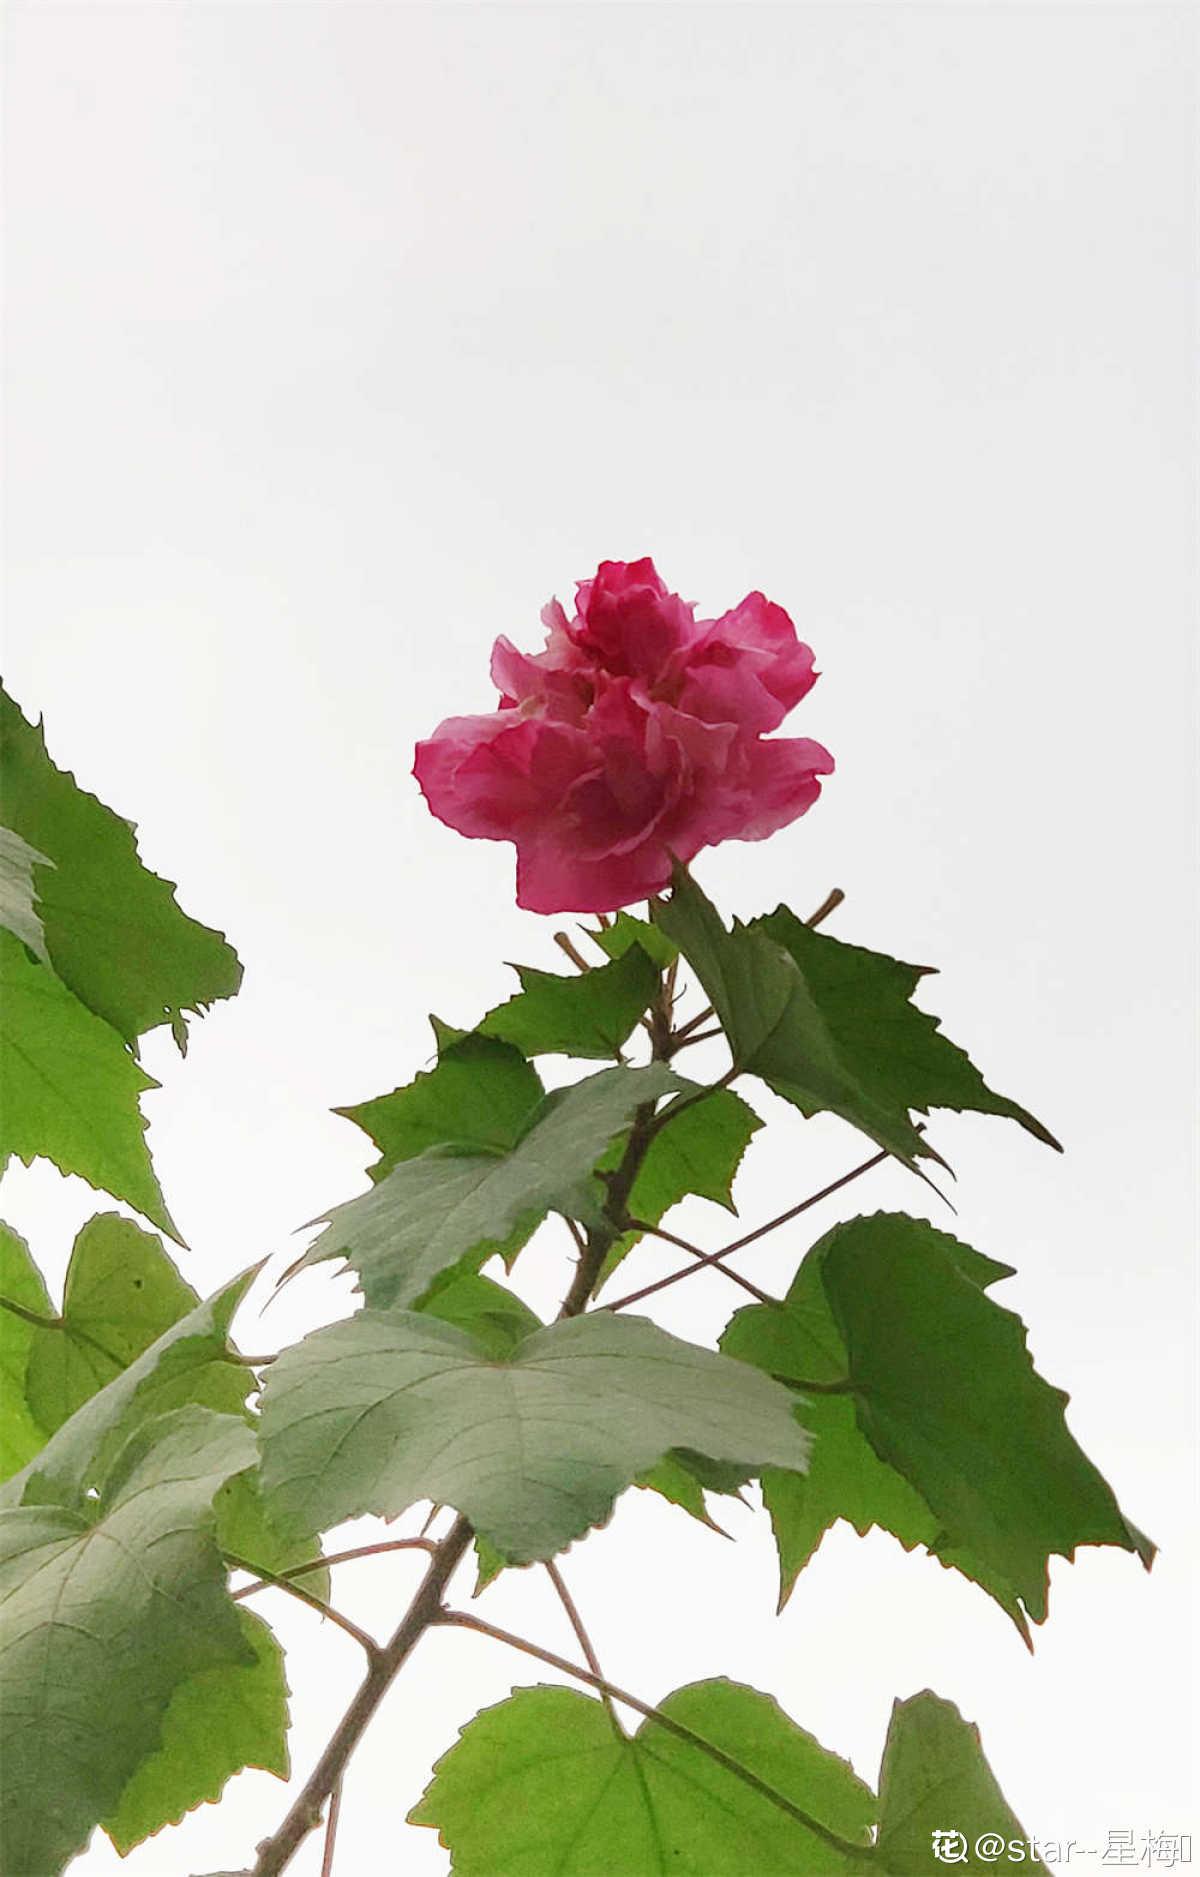 雨后木芙蓉花